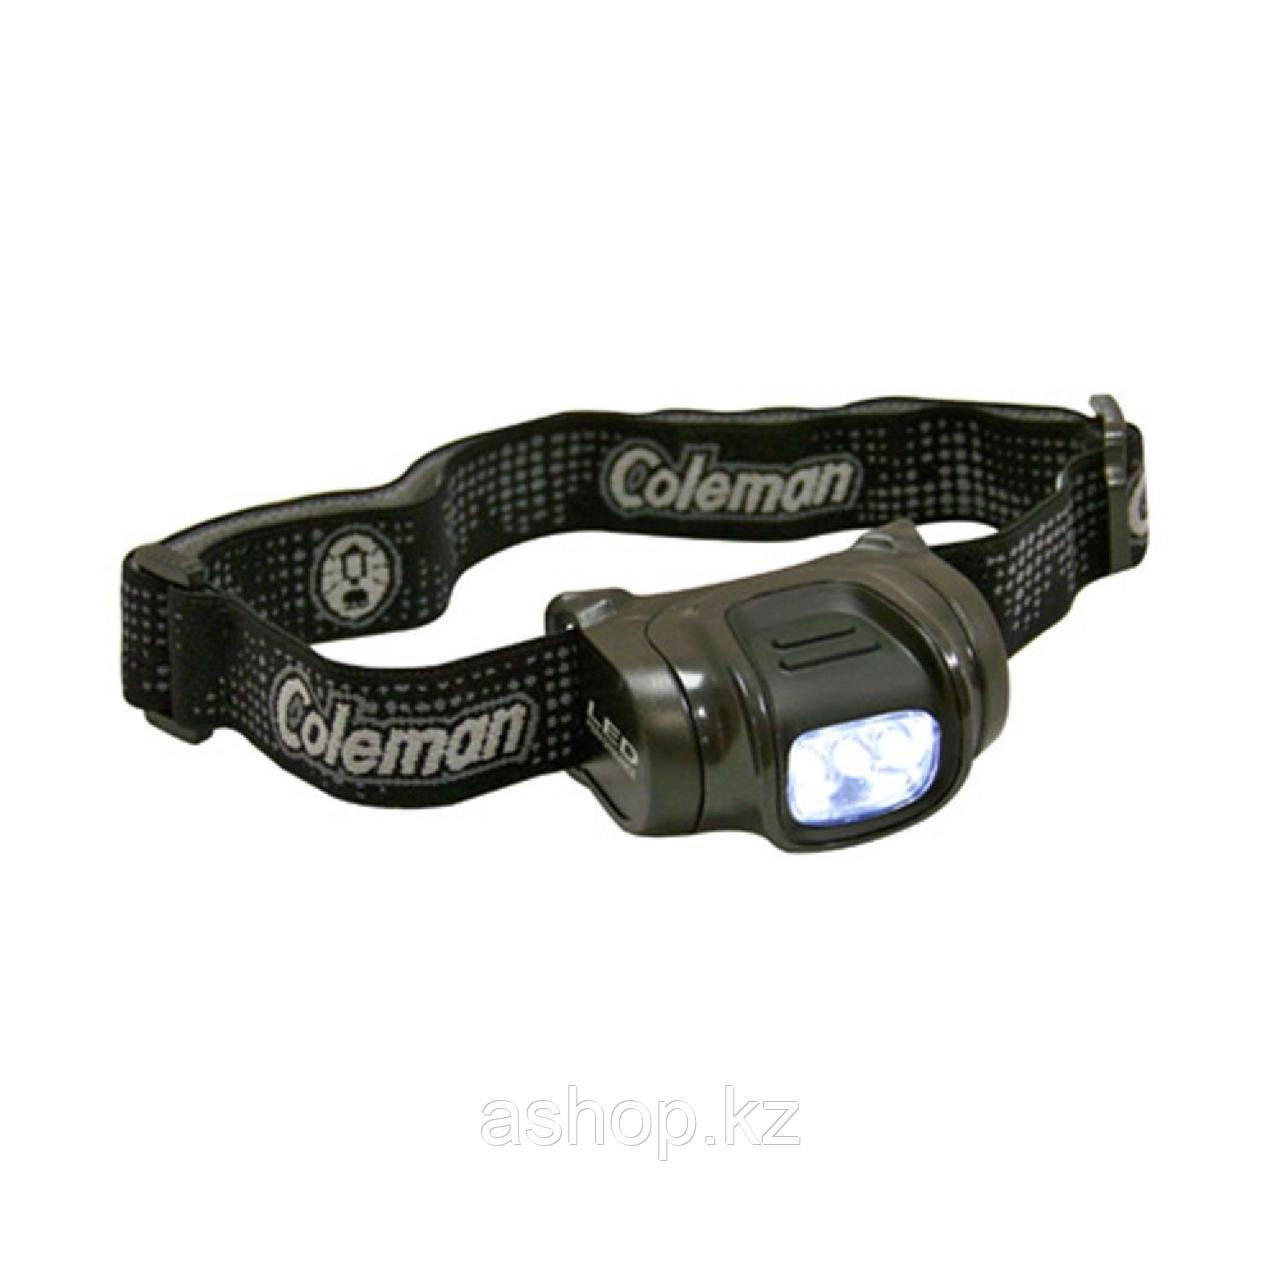 Фонарь электрический налобный Coleman 3AAA, Яркость: 33 лм, Цвет: Чёрный, Упаковка: Розничная, (2000023875)